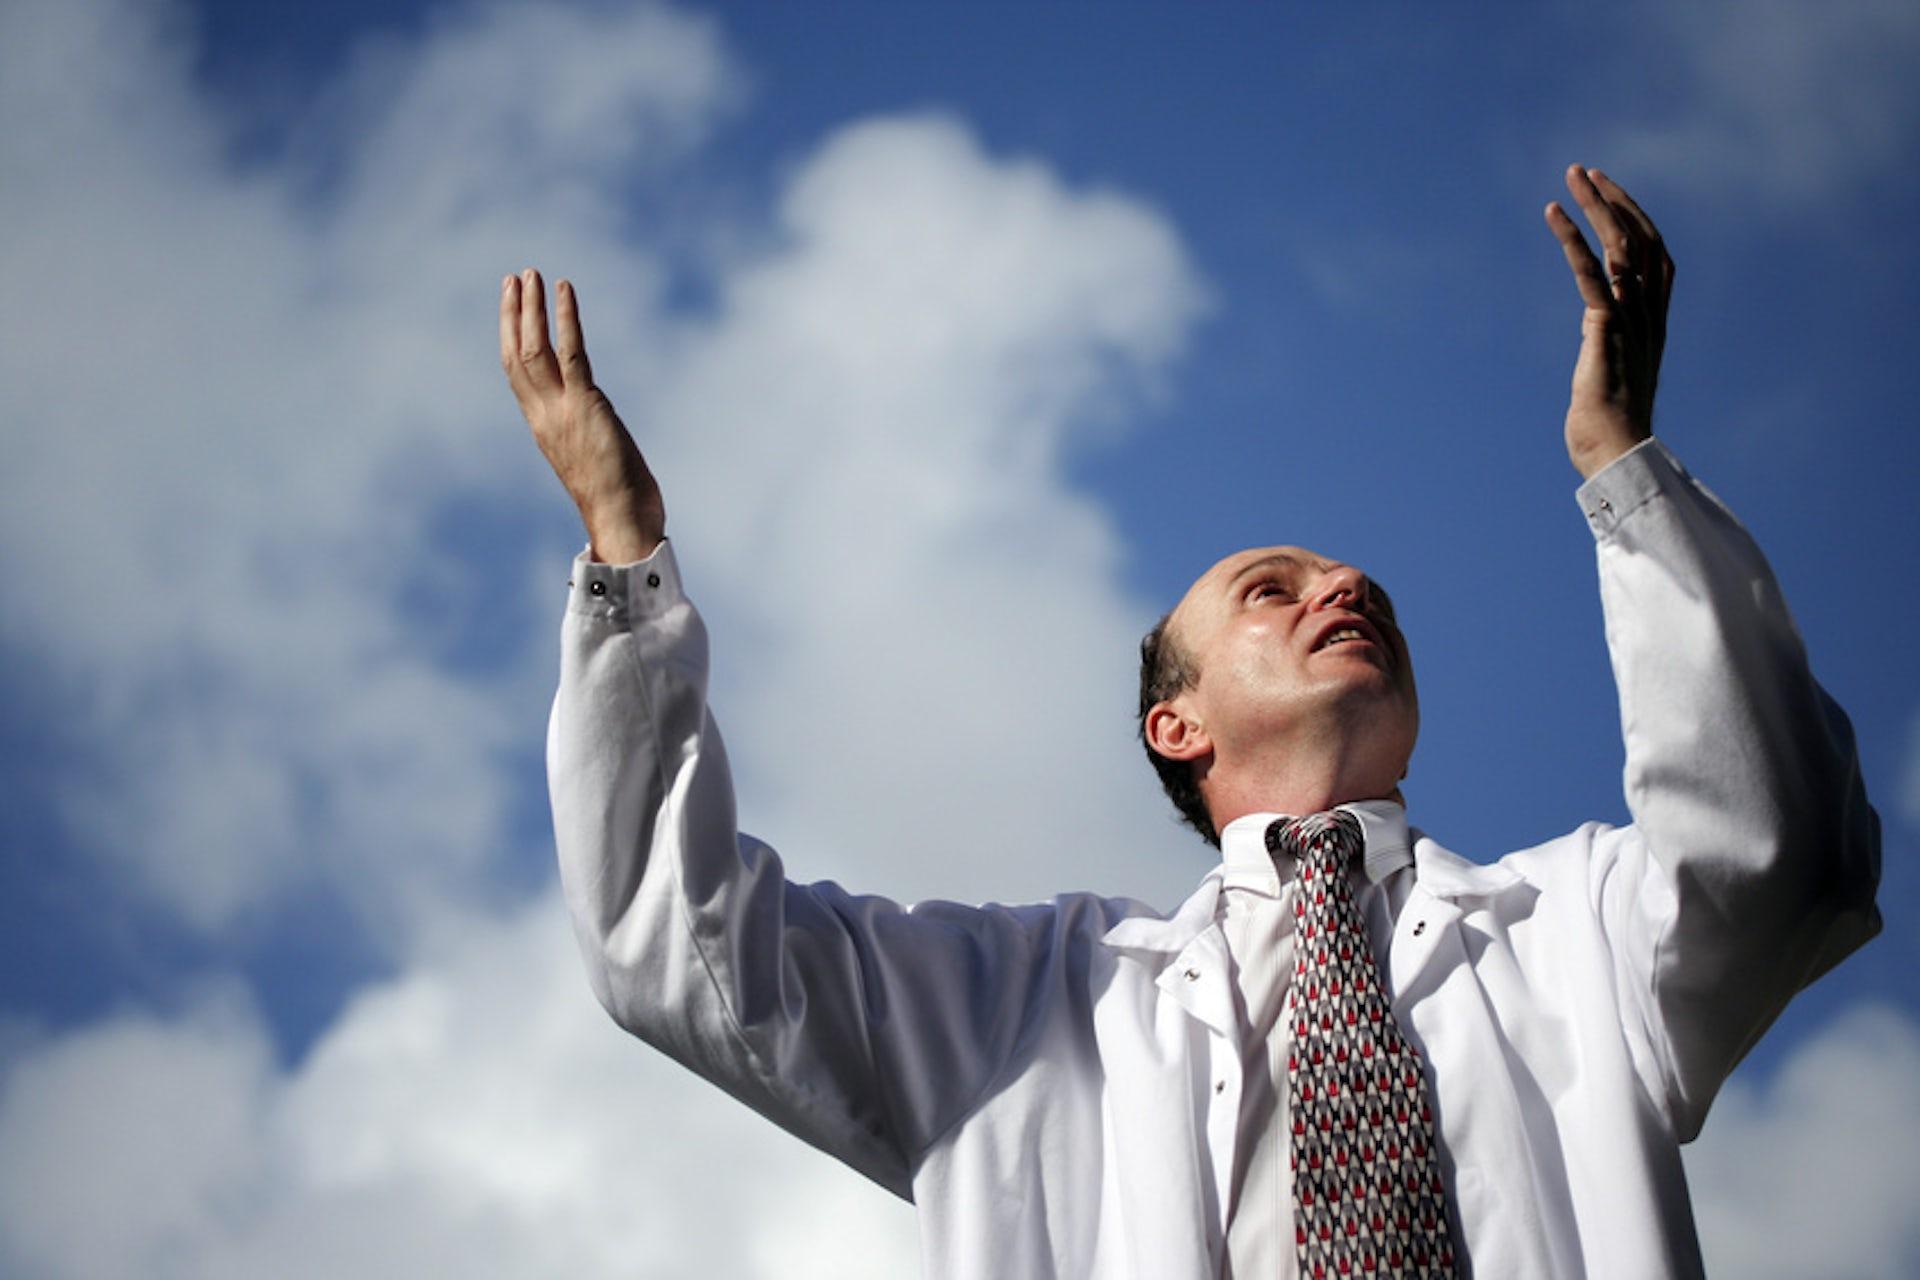 religious truth vs scientific truth